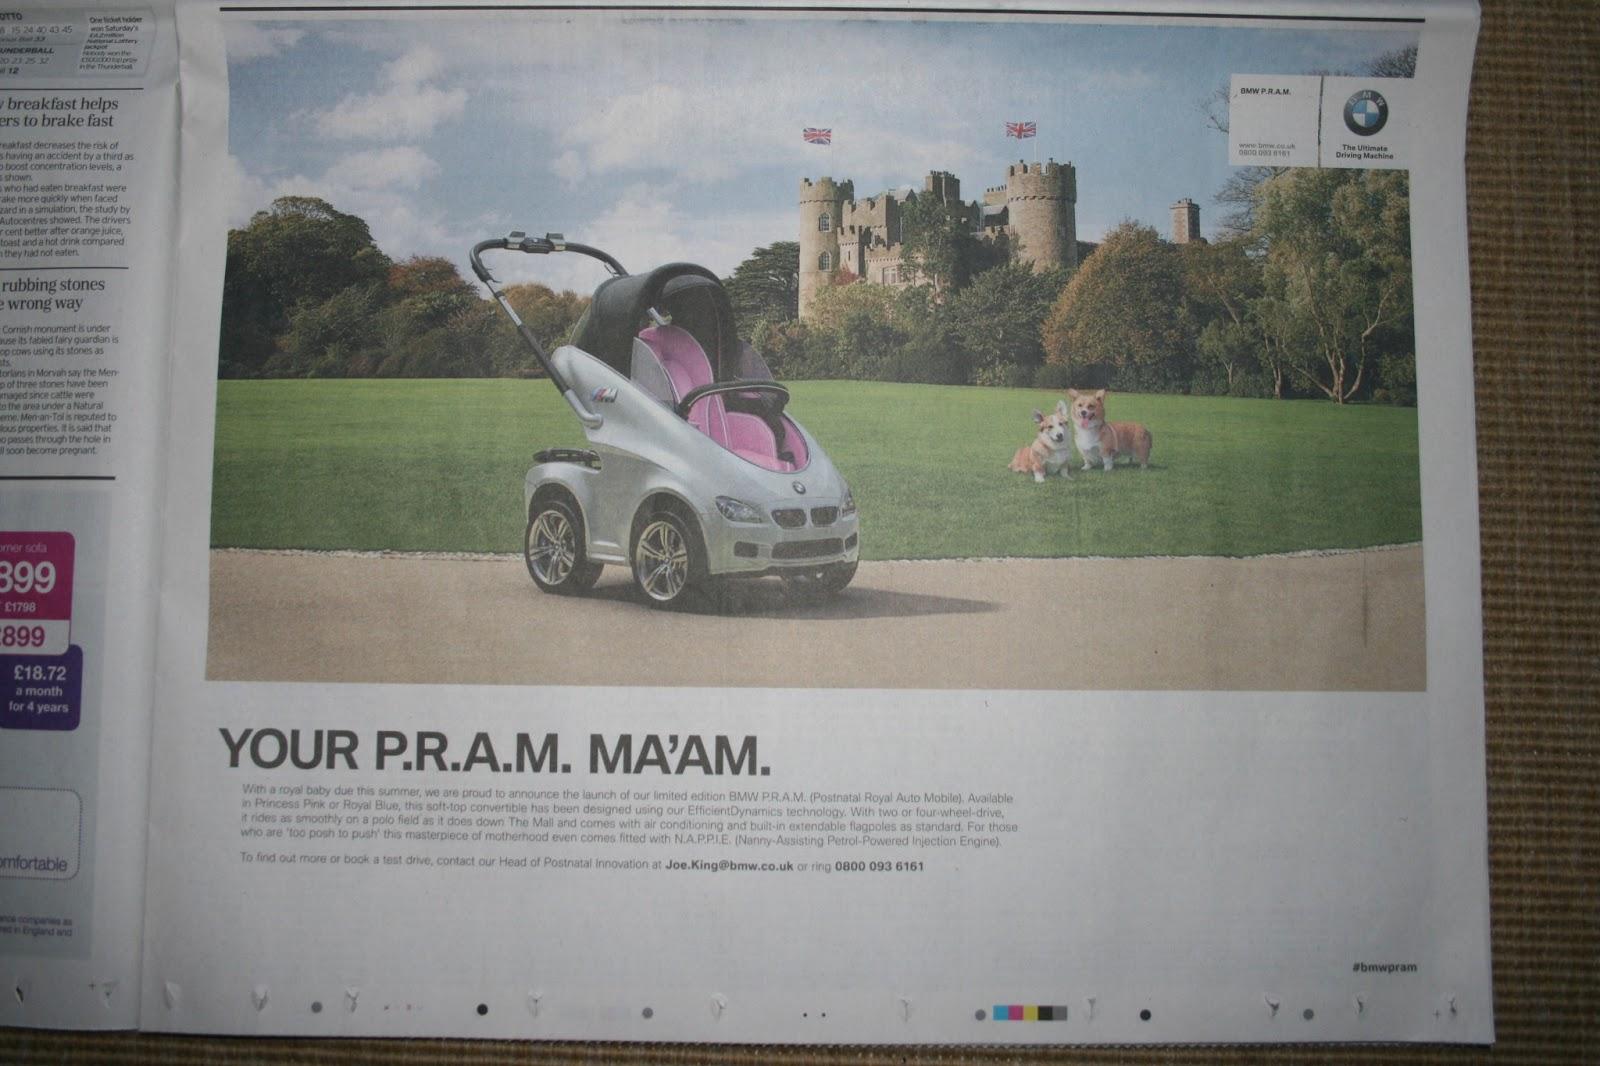 http://3.bp.blogspot.com/-6YT5eEdXwKM/UVklRN_P_gI/AAAAAAAABF8/H5vCfbdW-Ow/s1600/BMW+PRAM+April+Fools+2013.JPG